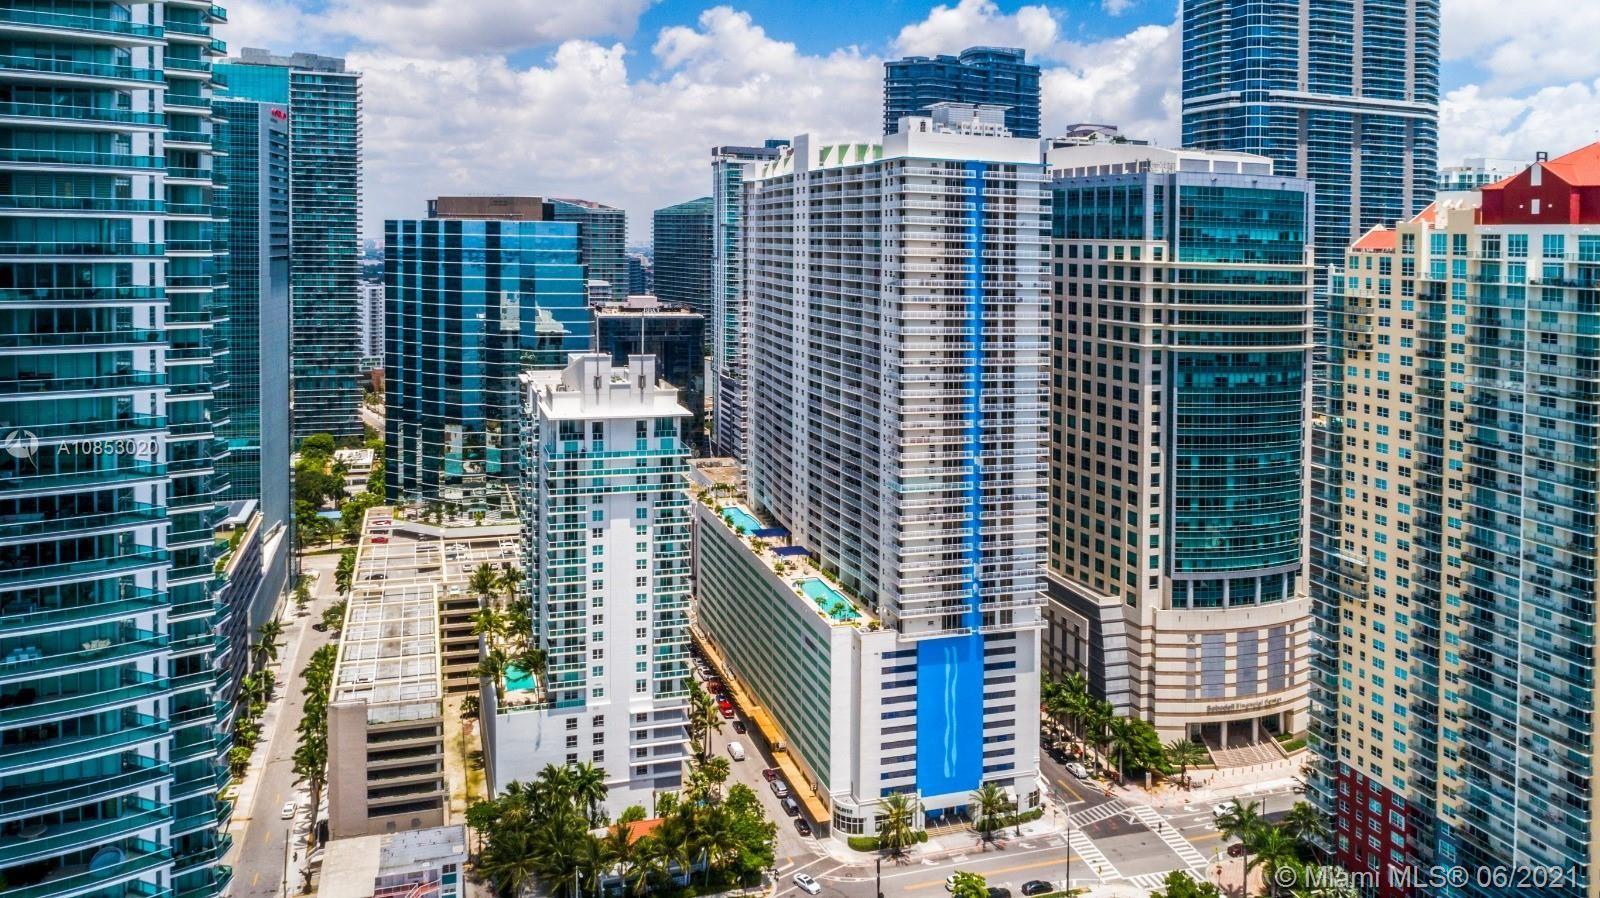 1200 Brickell Bay Dr #1404, Miami, FL 33131 - #: A10853020